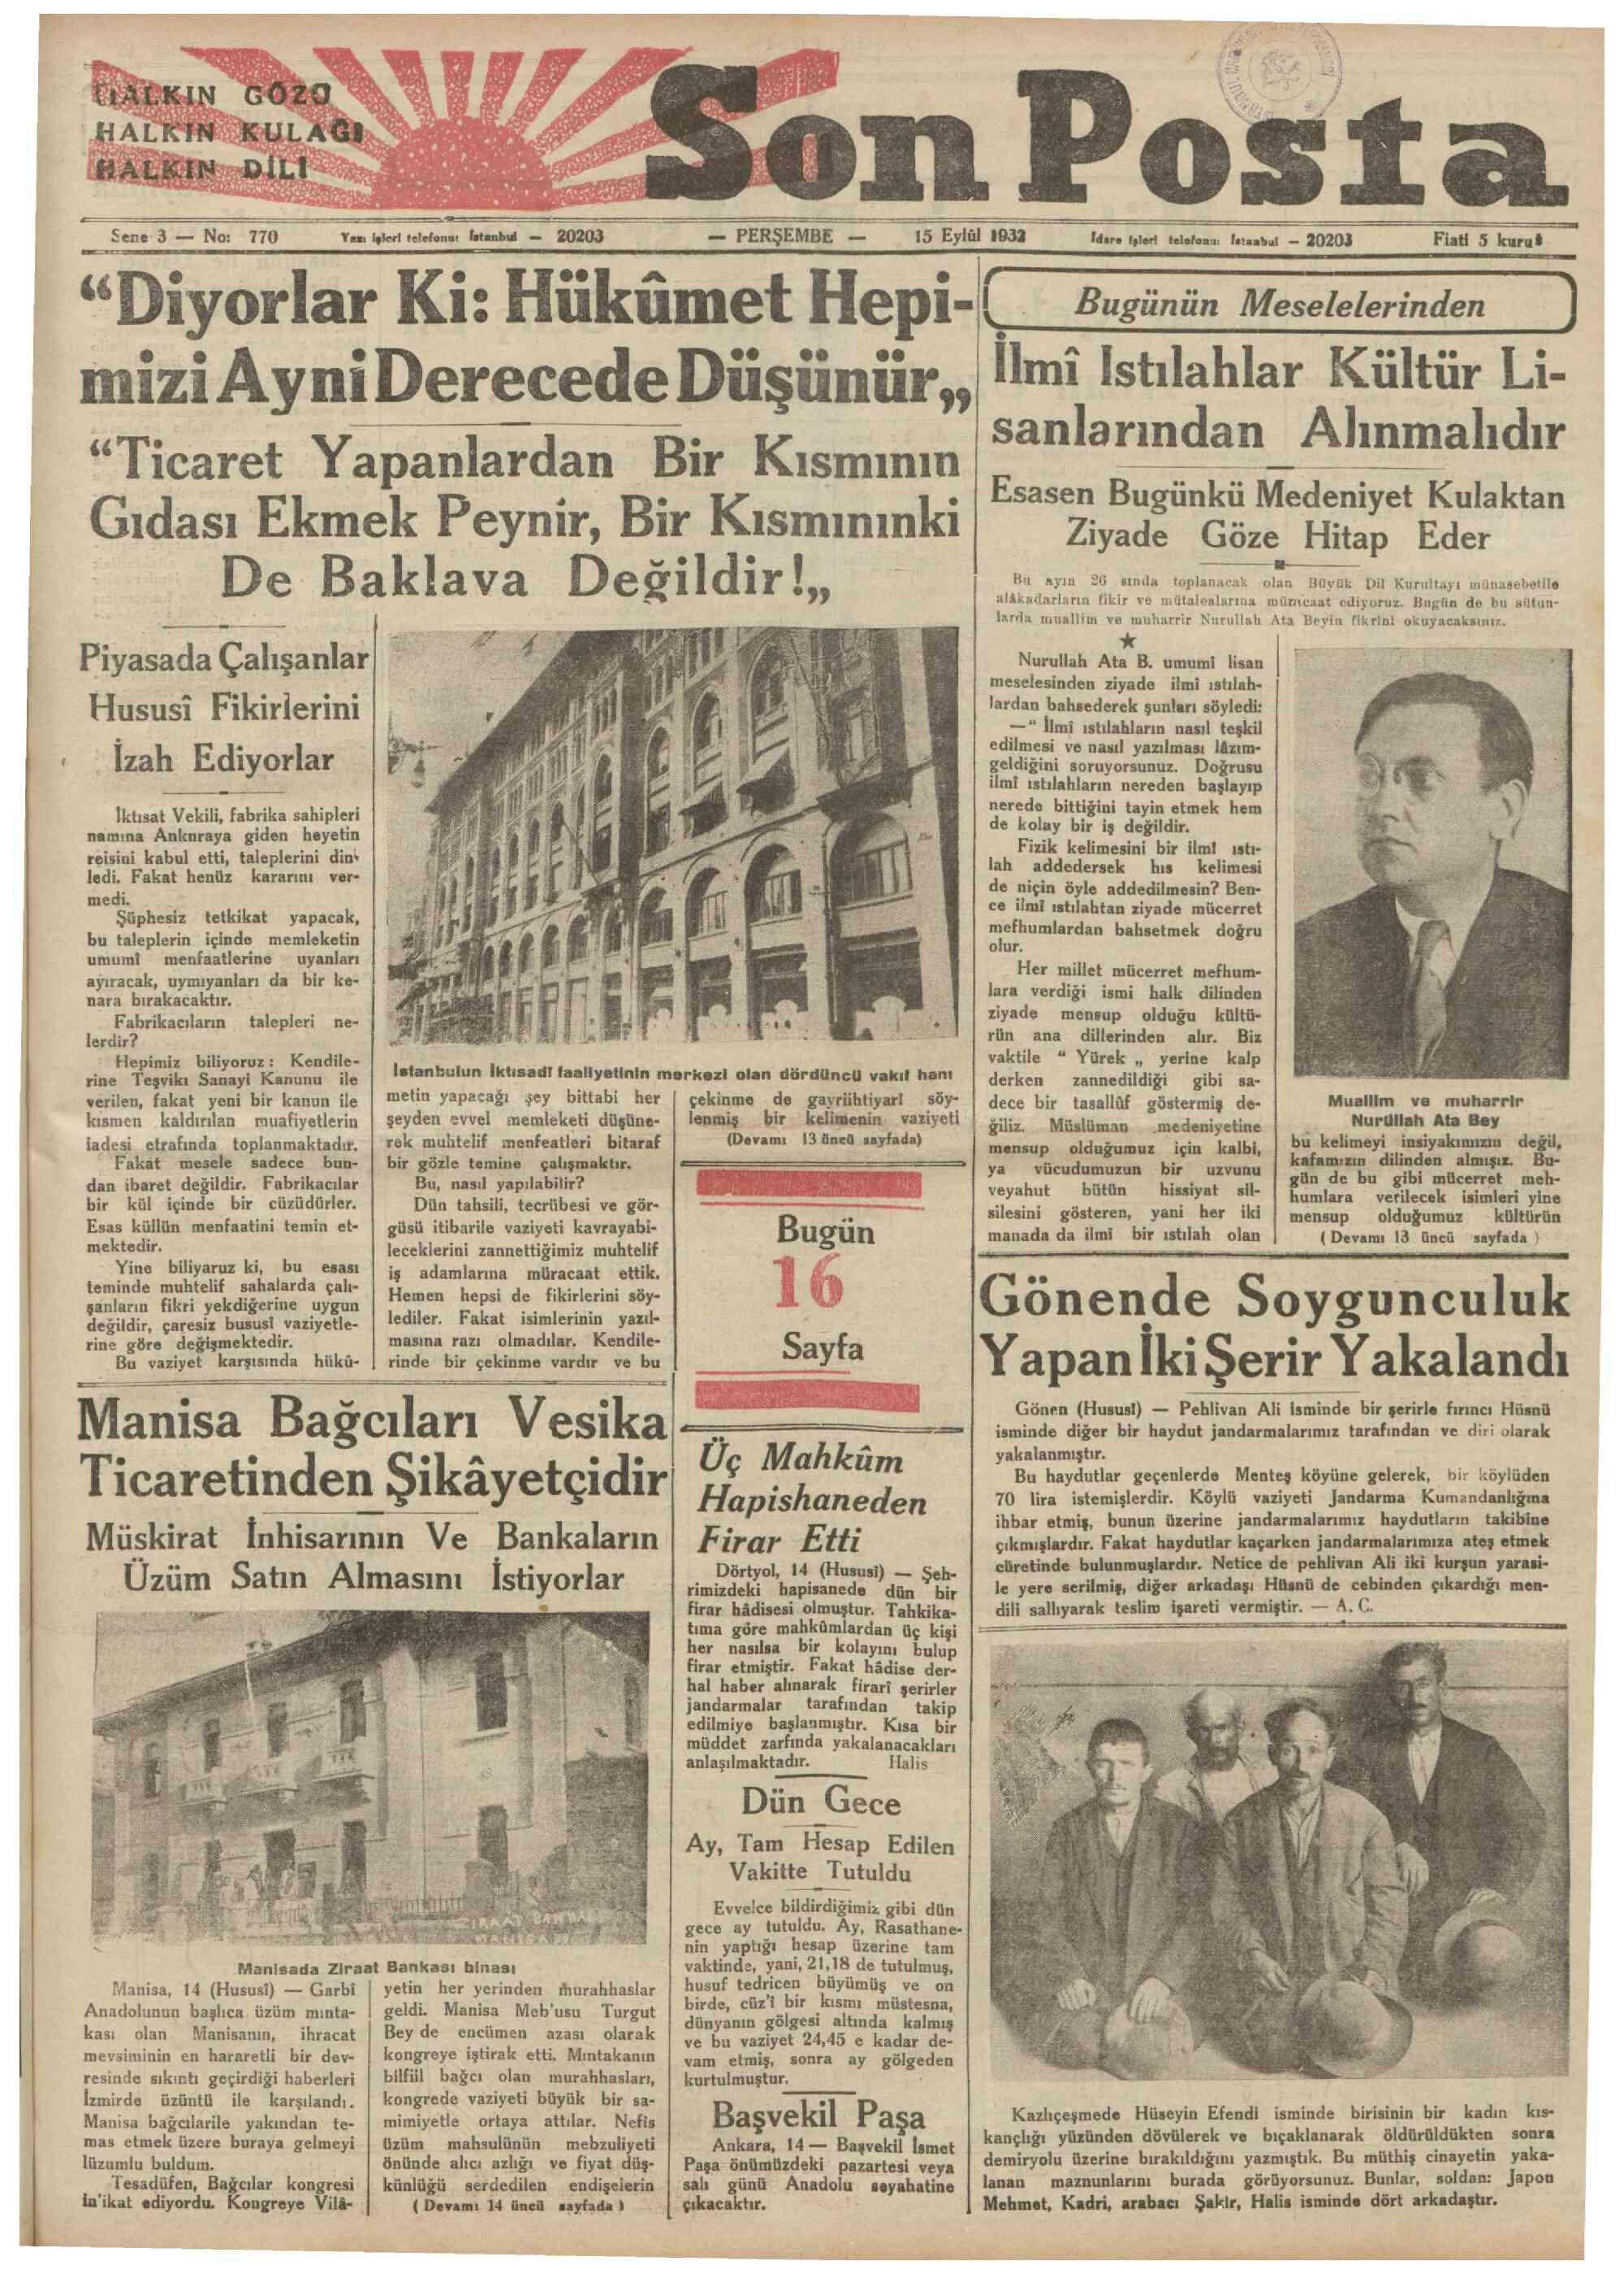 15 Eylül 1932 Tarihli Son Posta Gazetesi Sayfa 1